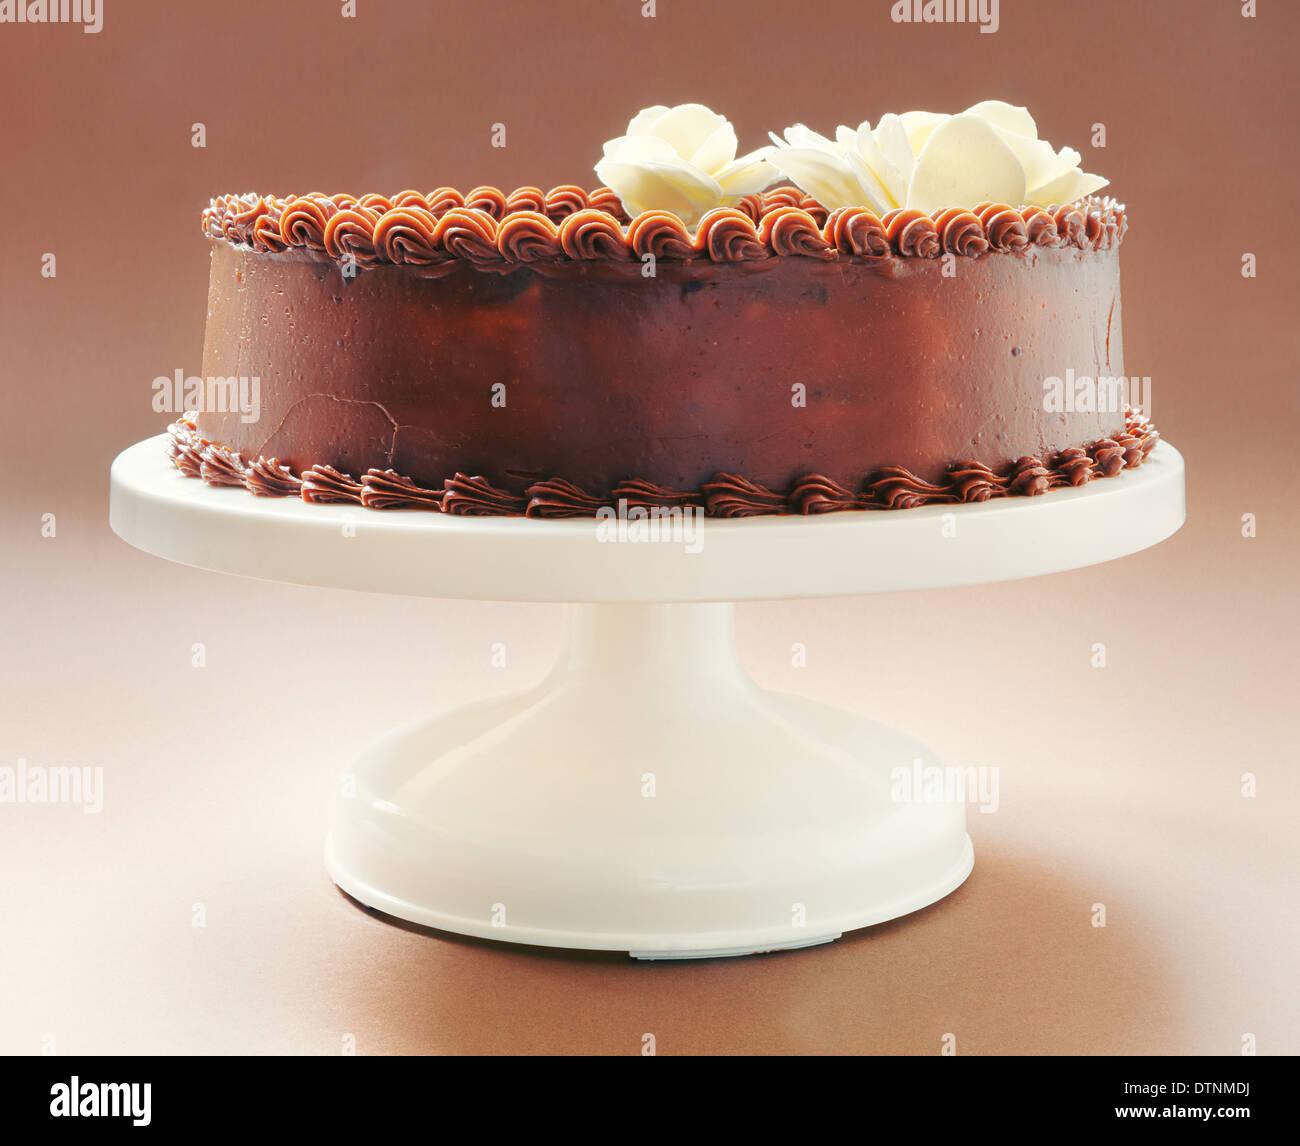 Gâteau tout chocolat, sur fond brun, décoré avec des fleurs jaunes sur le dessus. Banque D'Images